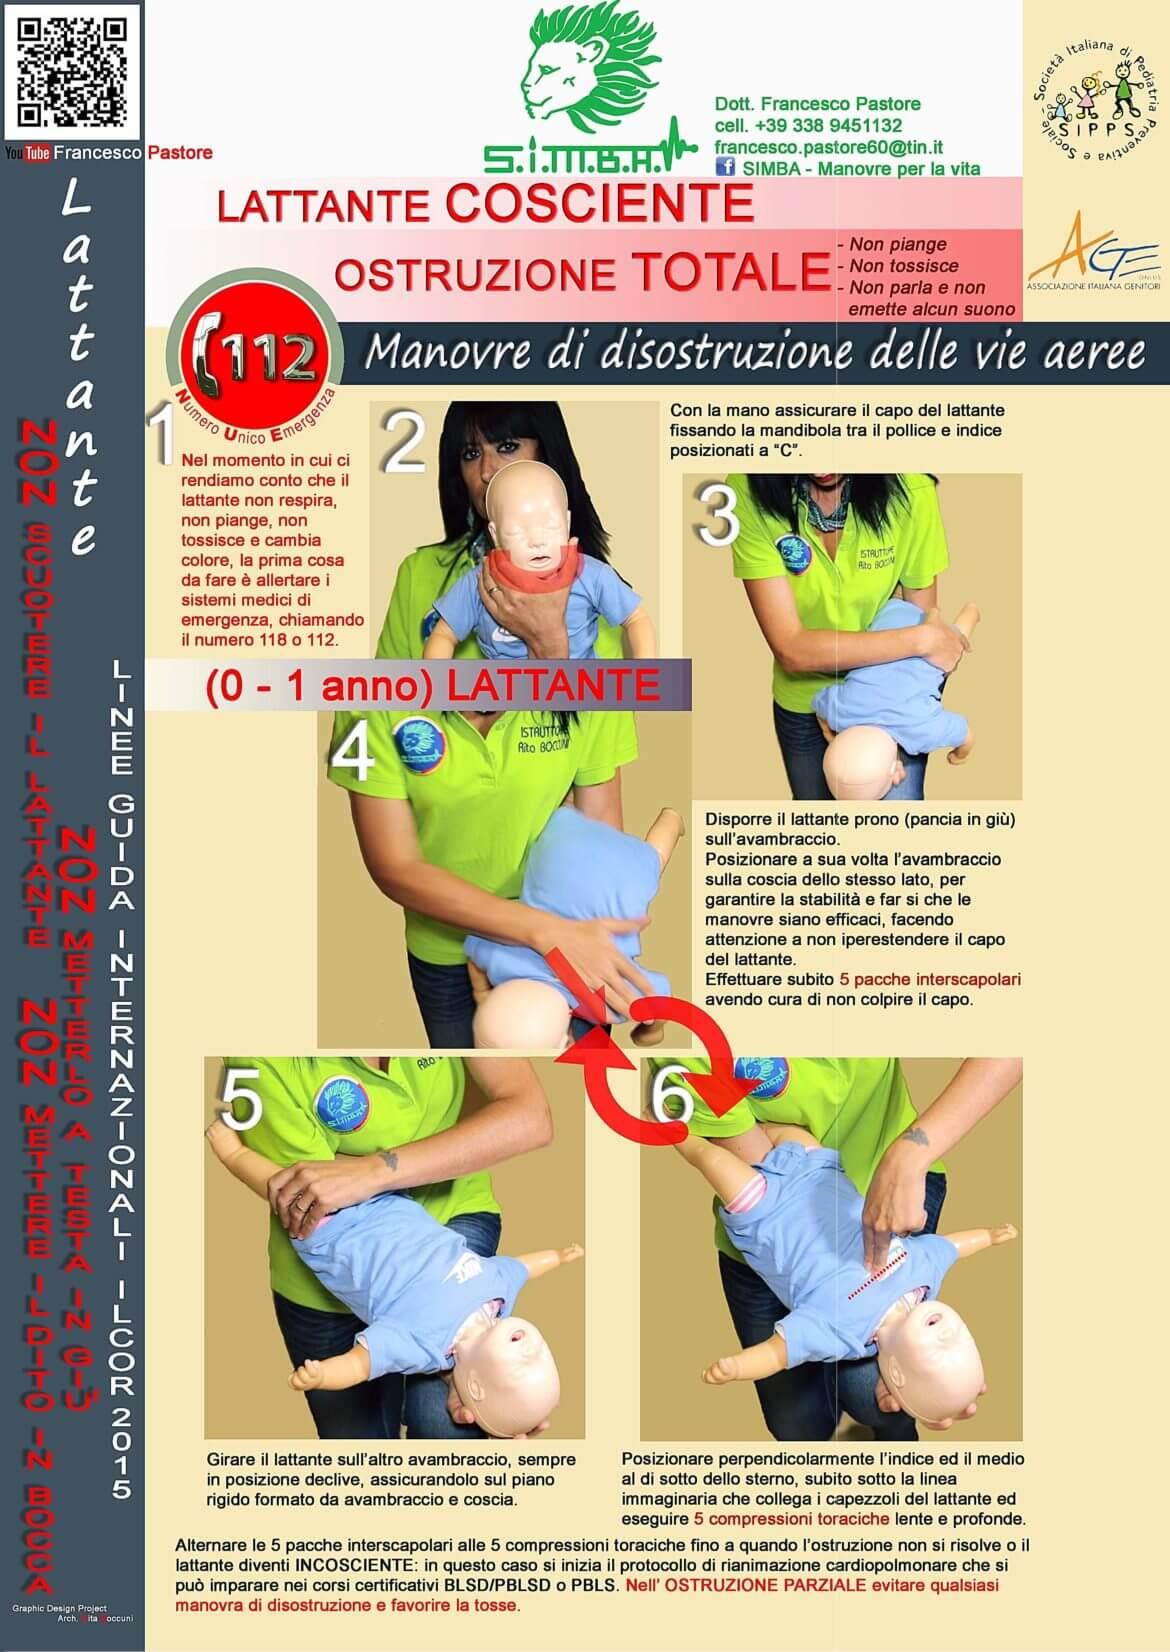 Lattante-poster-e1527184283944.jpg